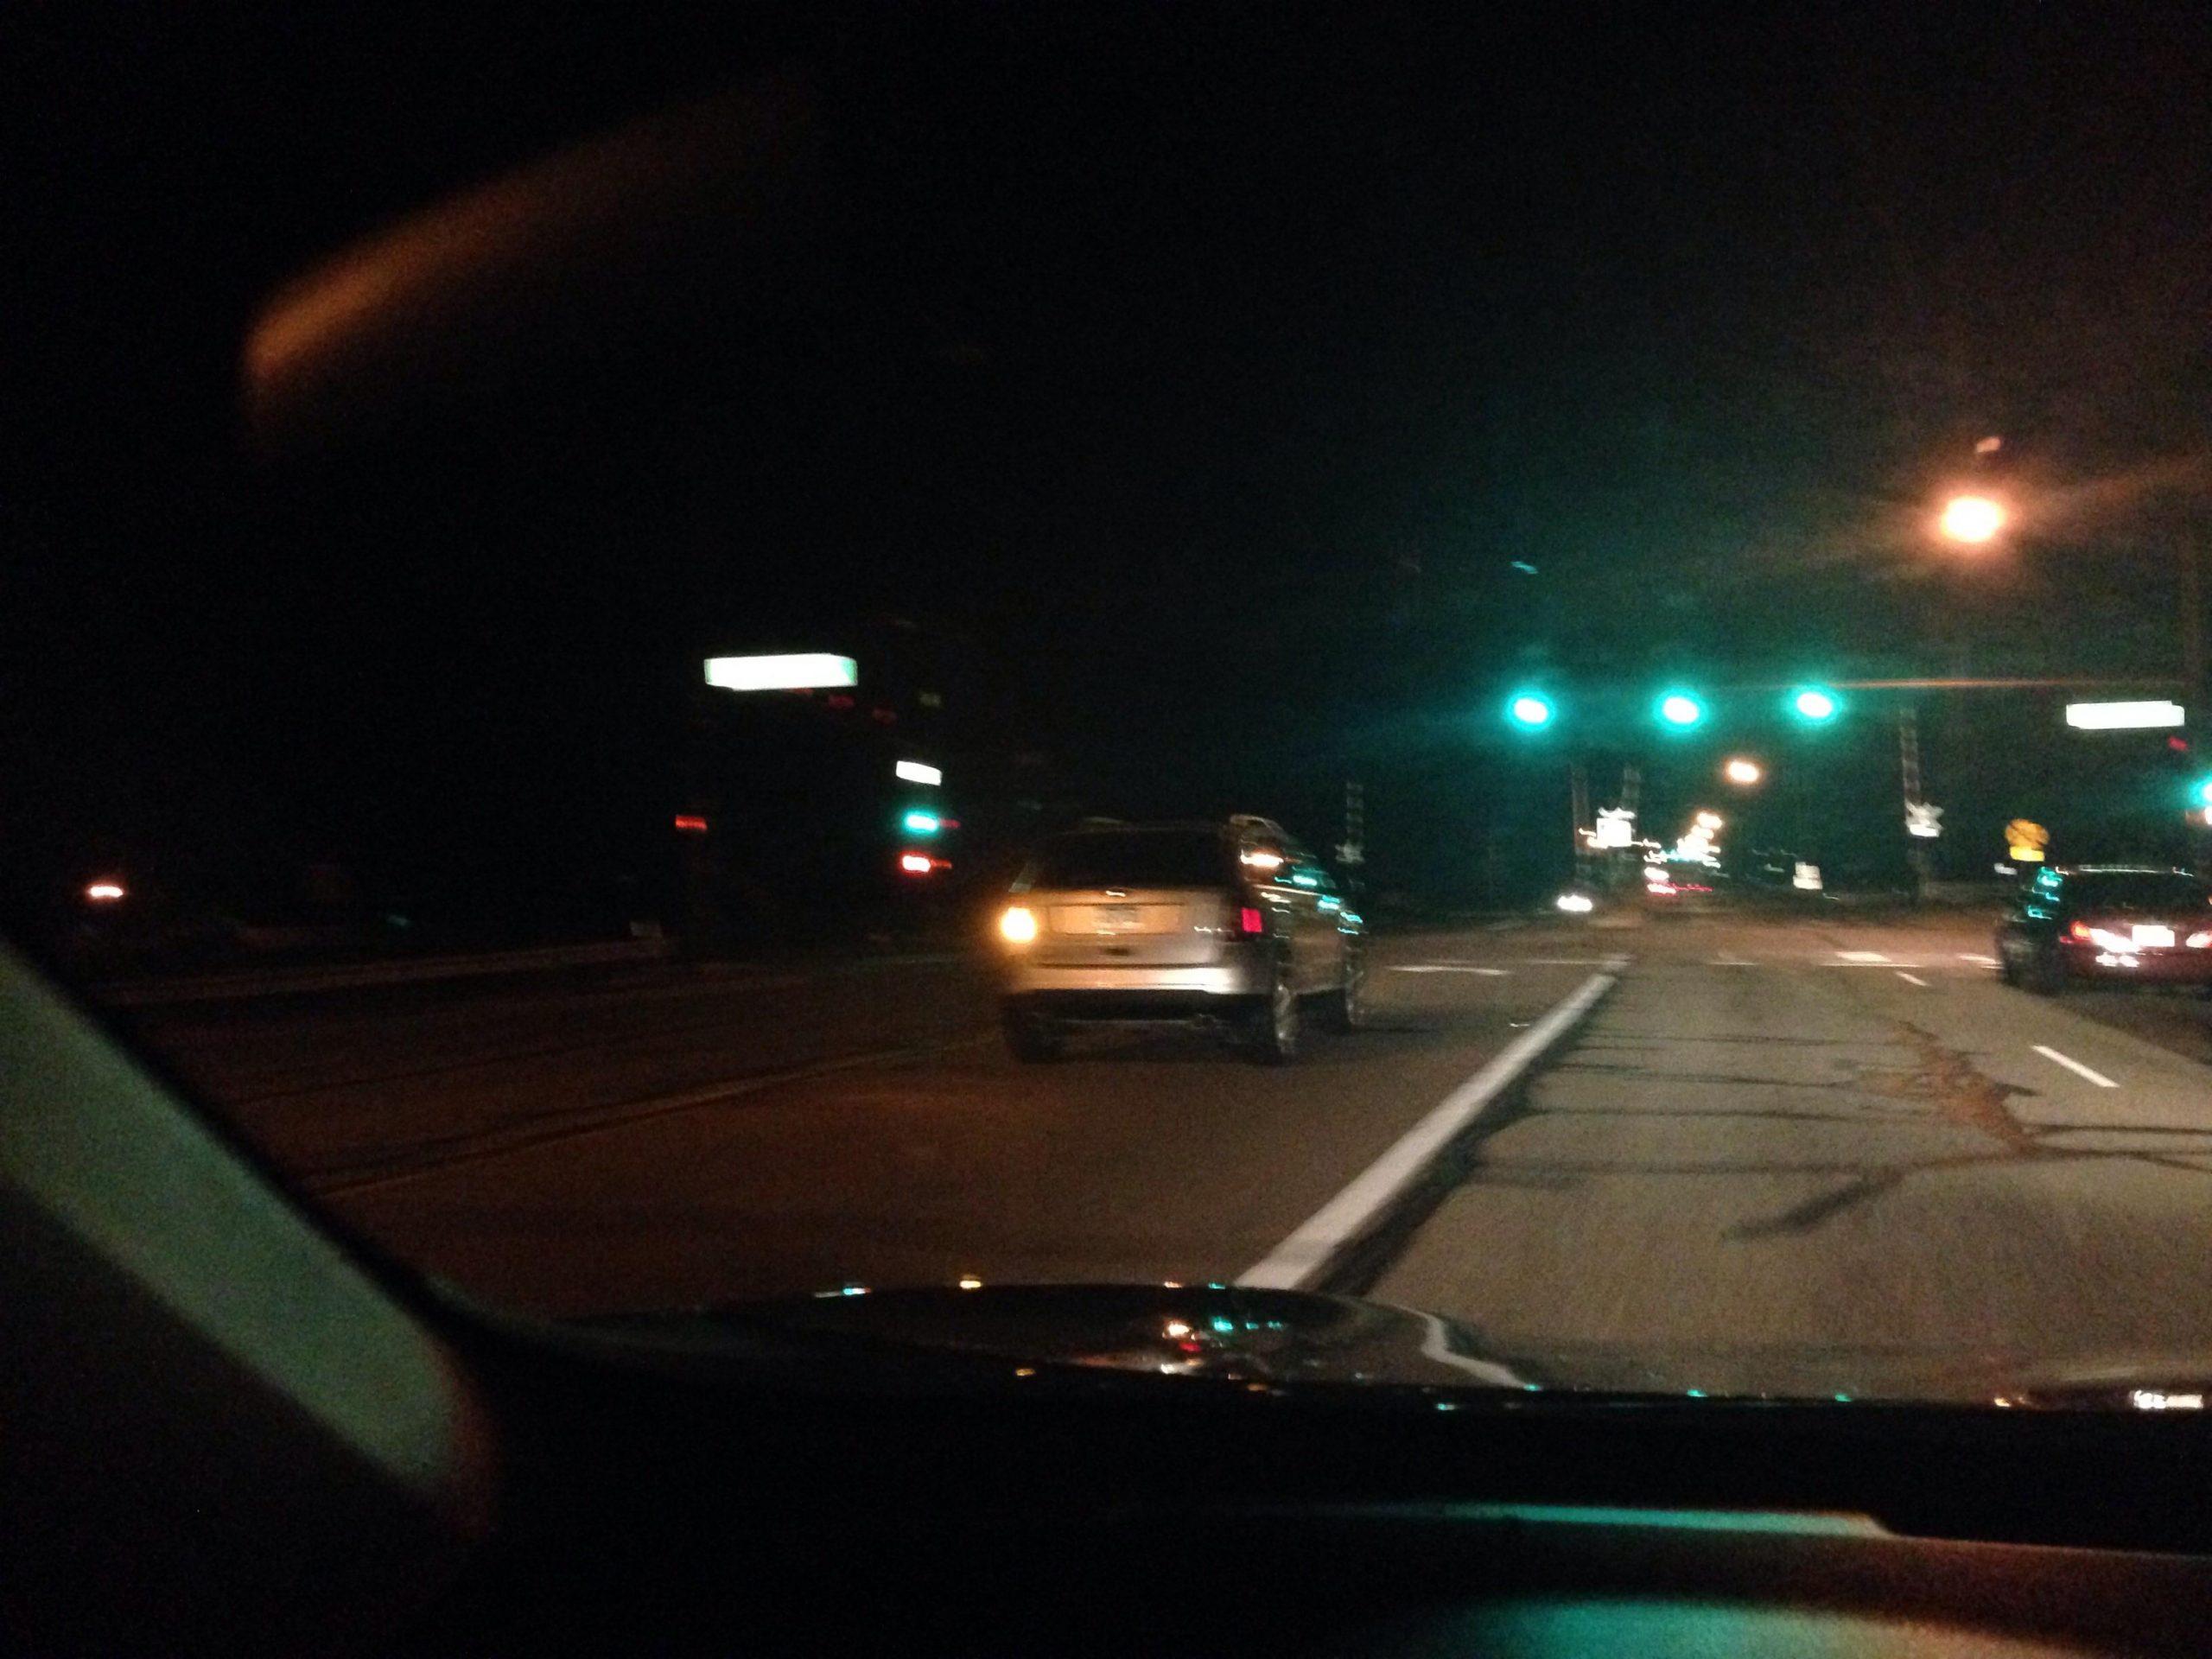 Éjszakai vakság - mikor biztonságos a vezetés?